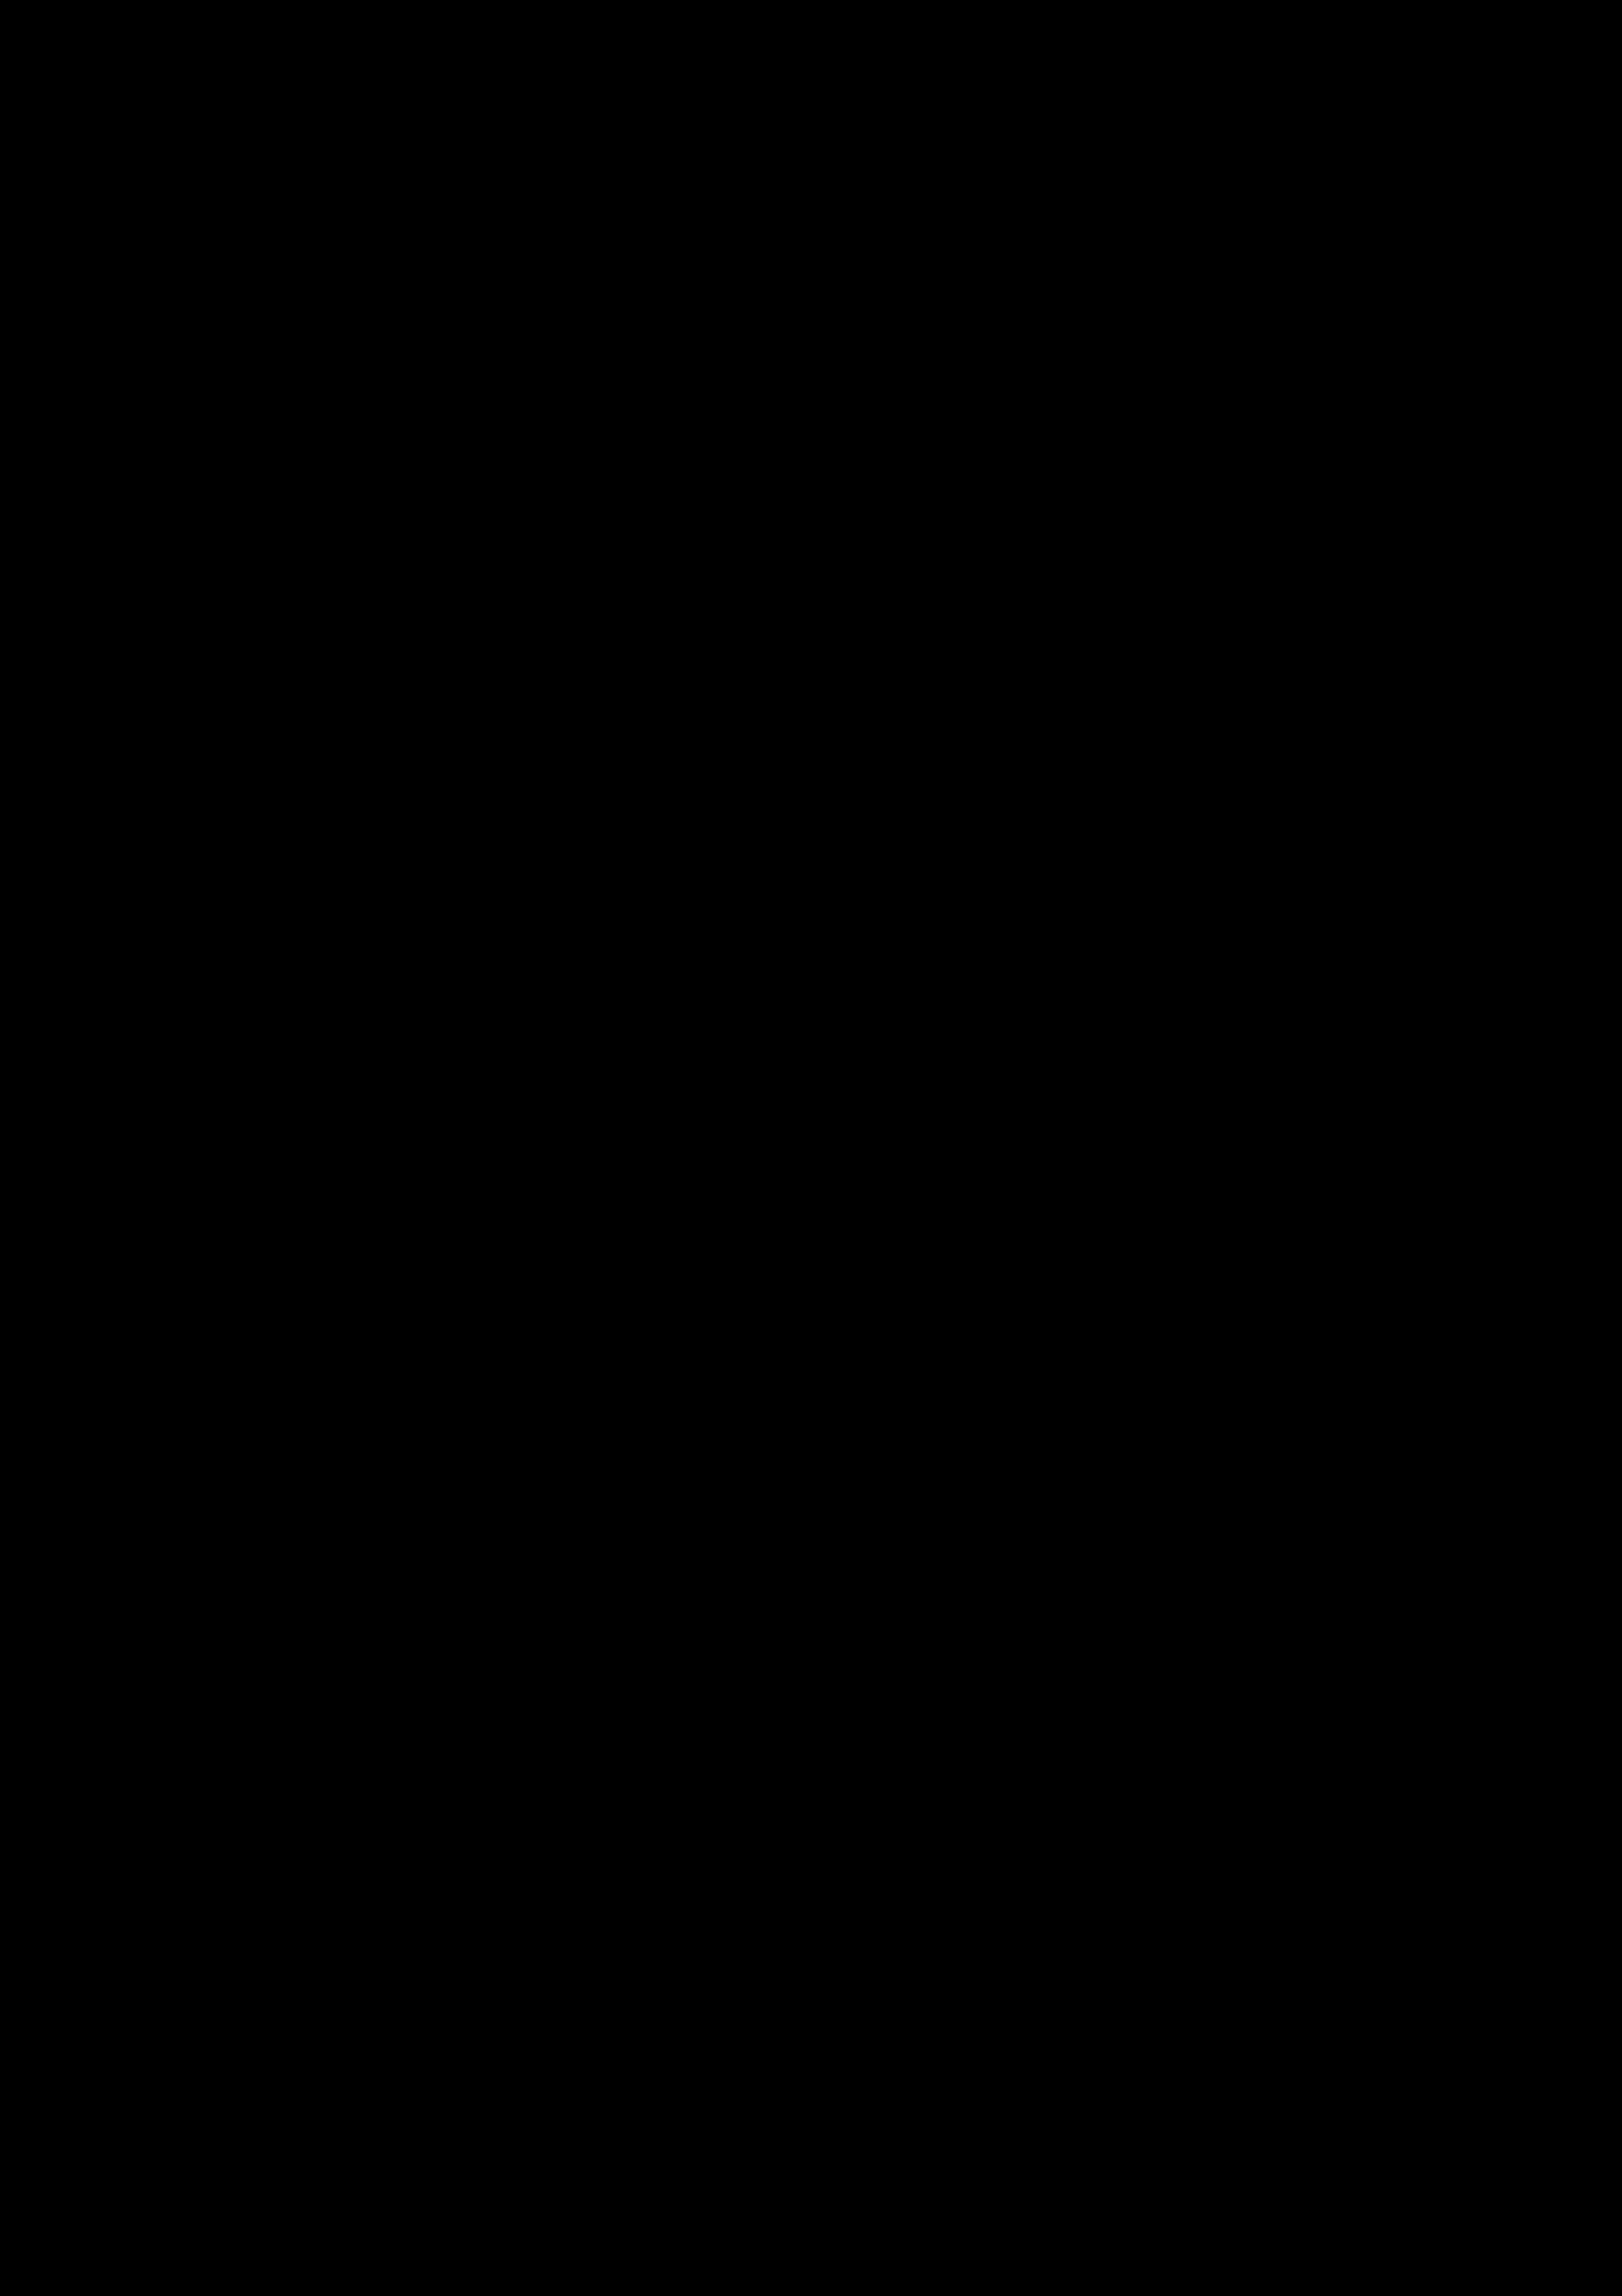 제1회 경기도 광고홍보제 공모전